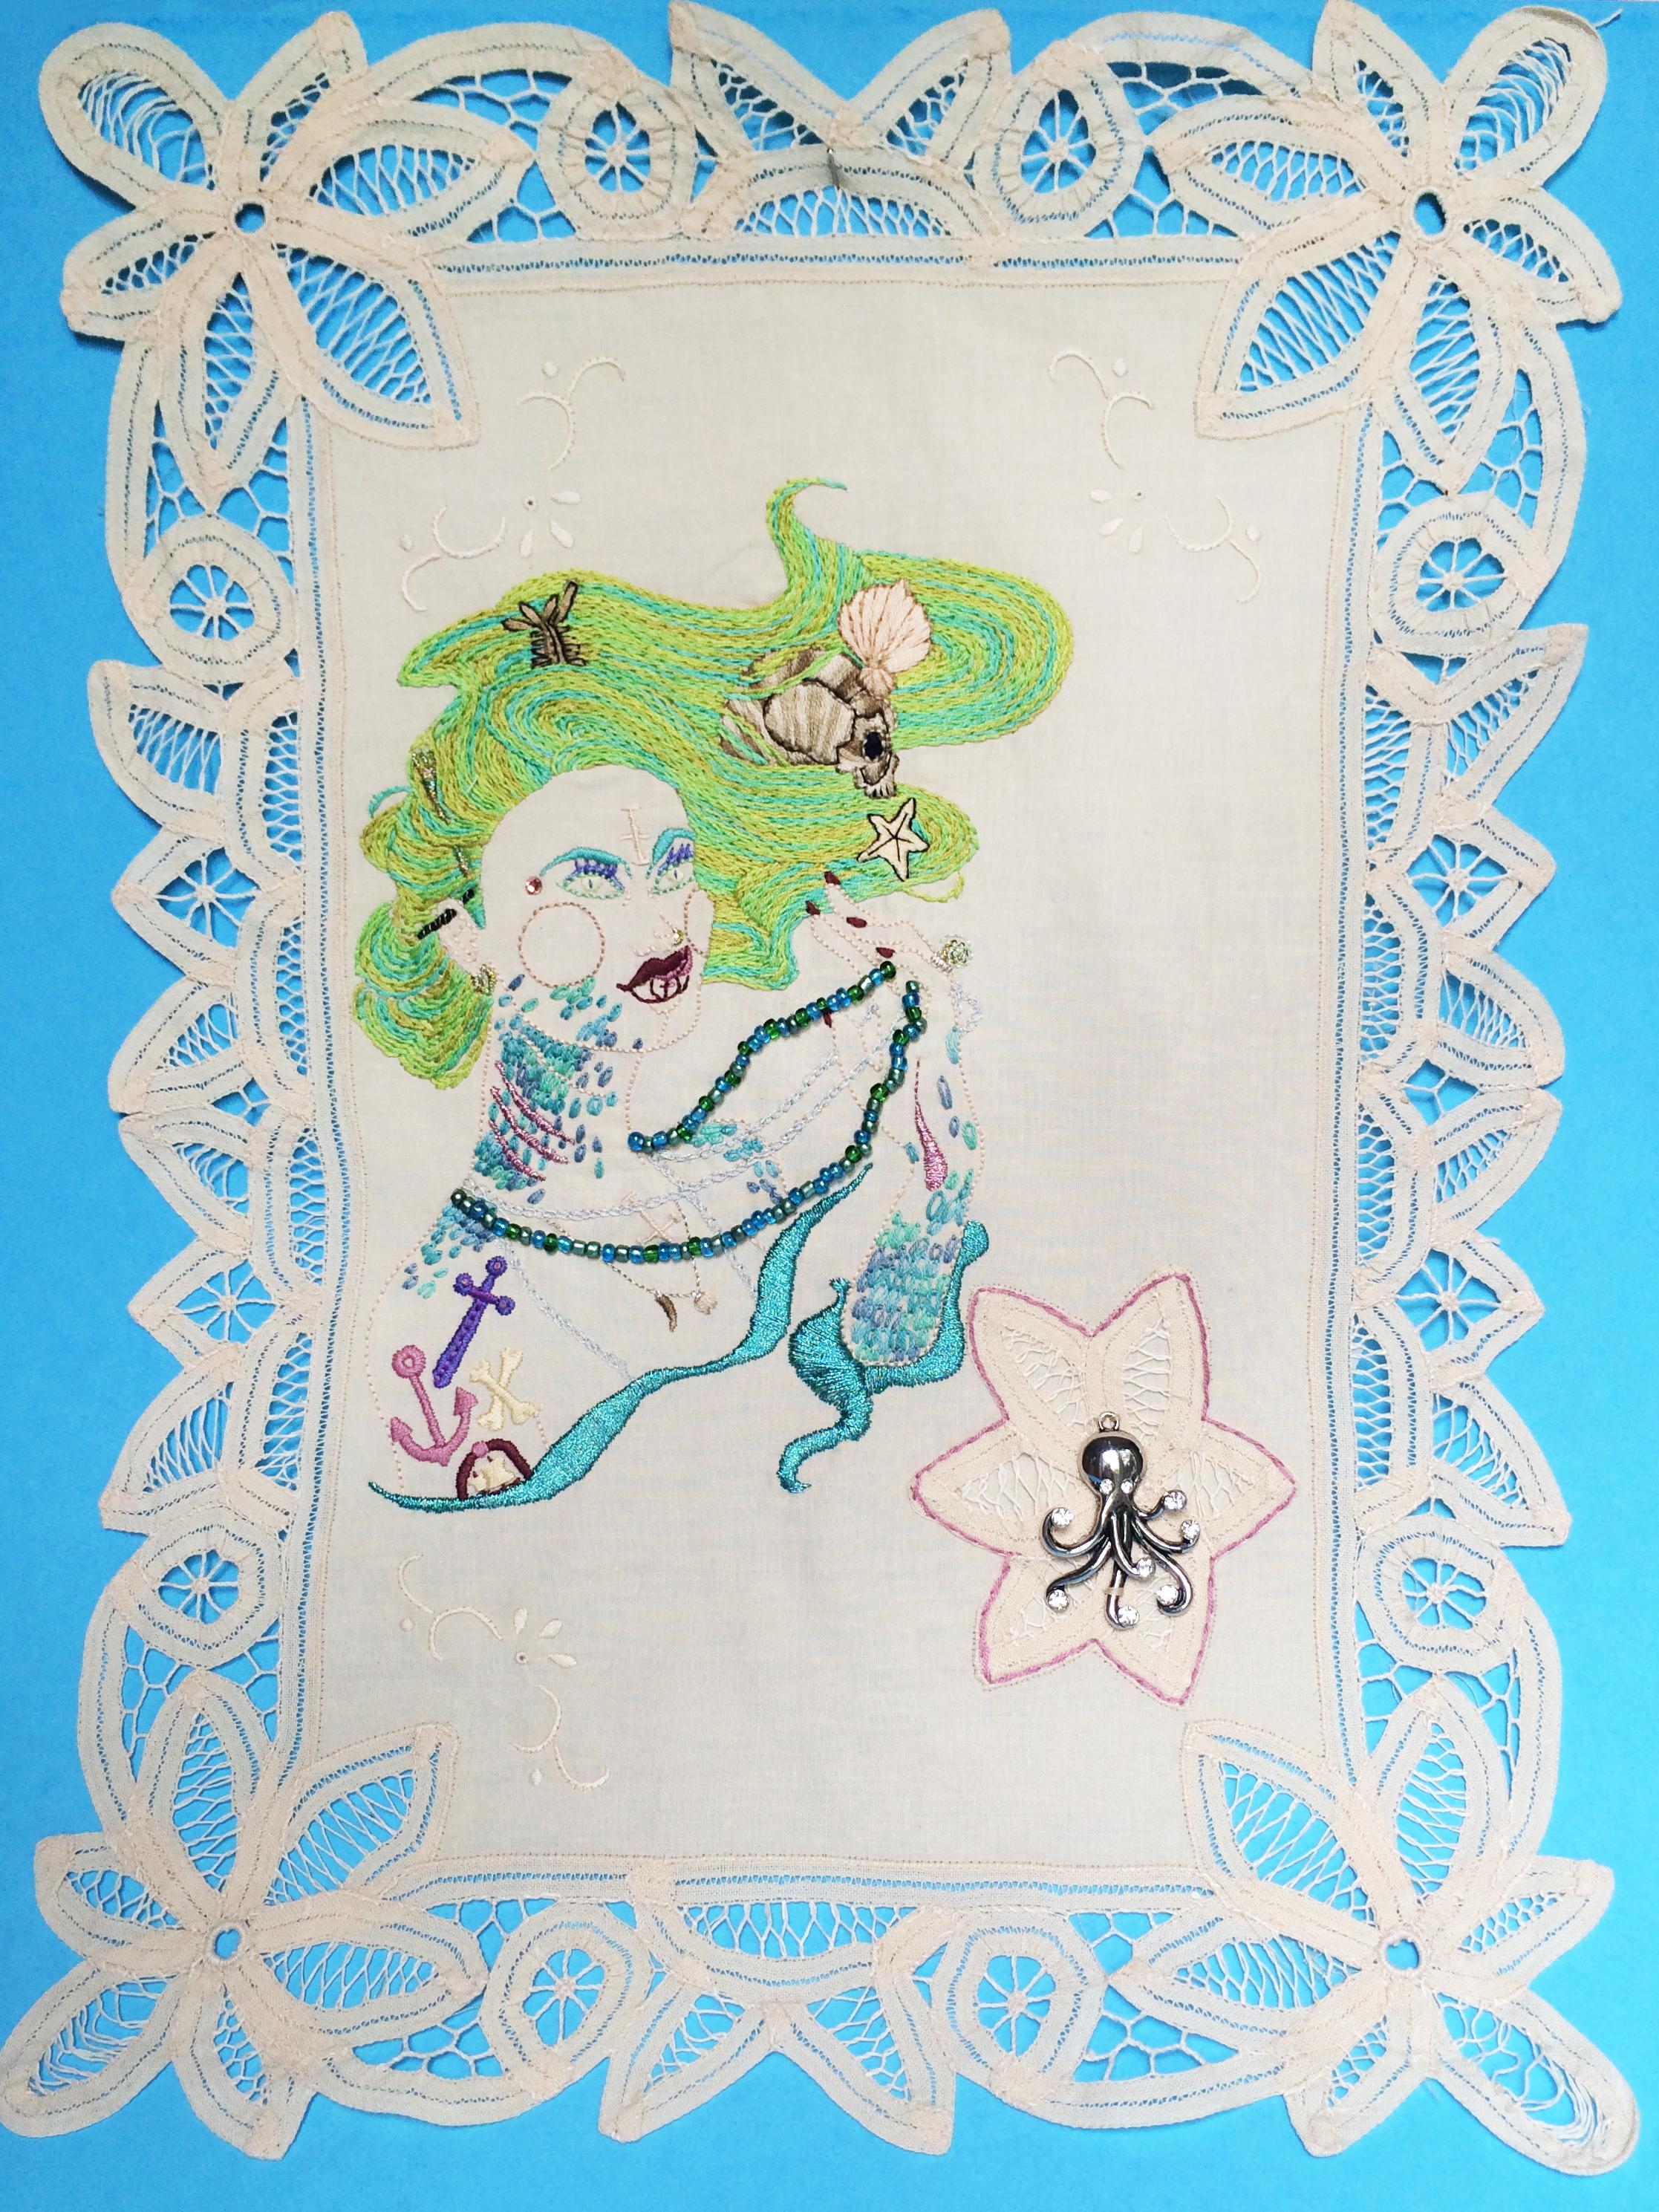 """Mermaid ,   Embroidered Illustration on Vintage Lace. 21""""x15""""  . 2016."""